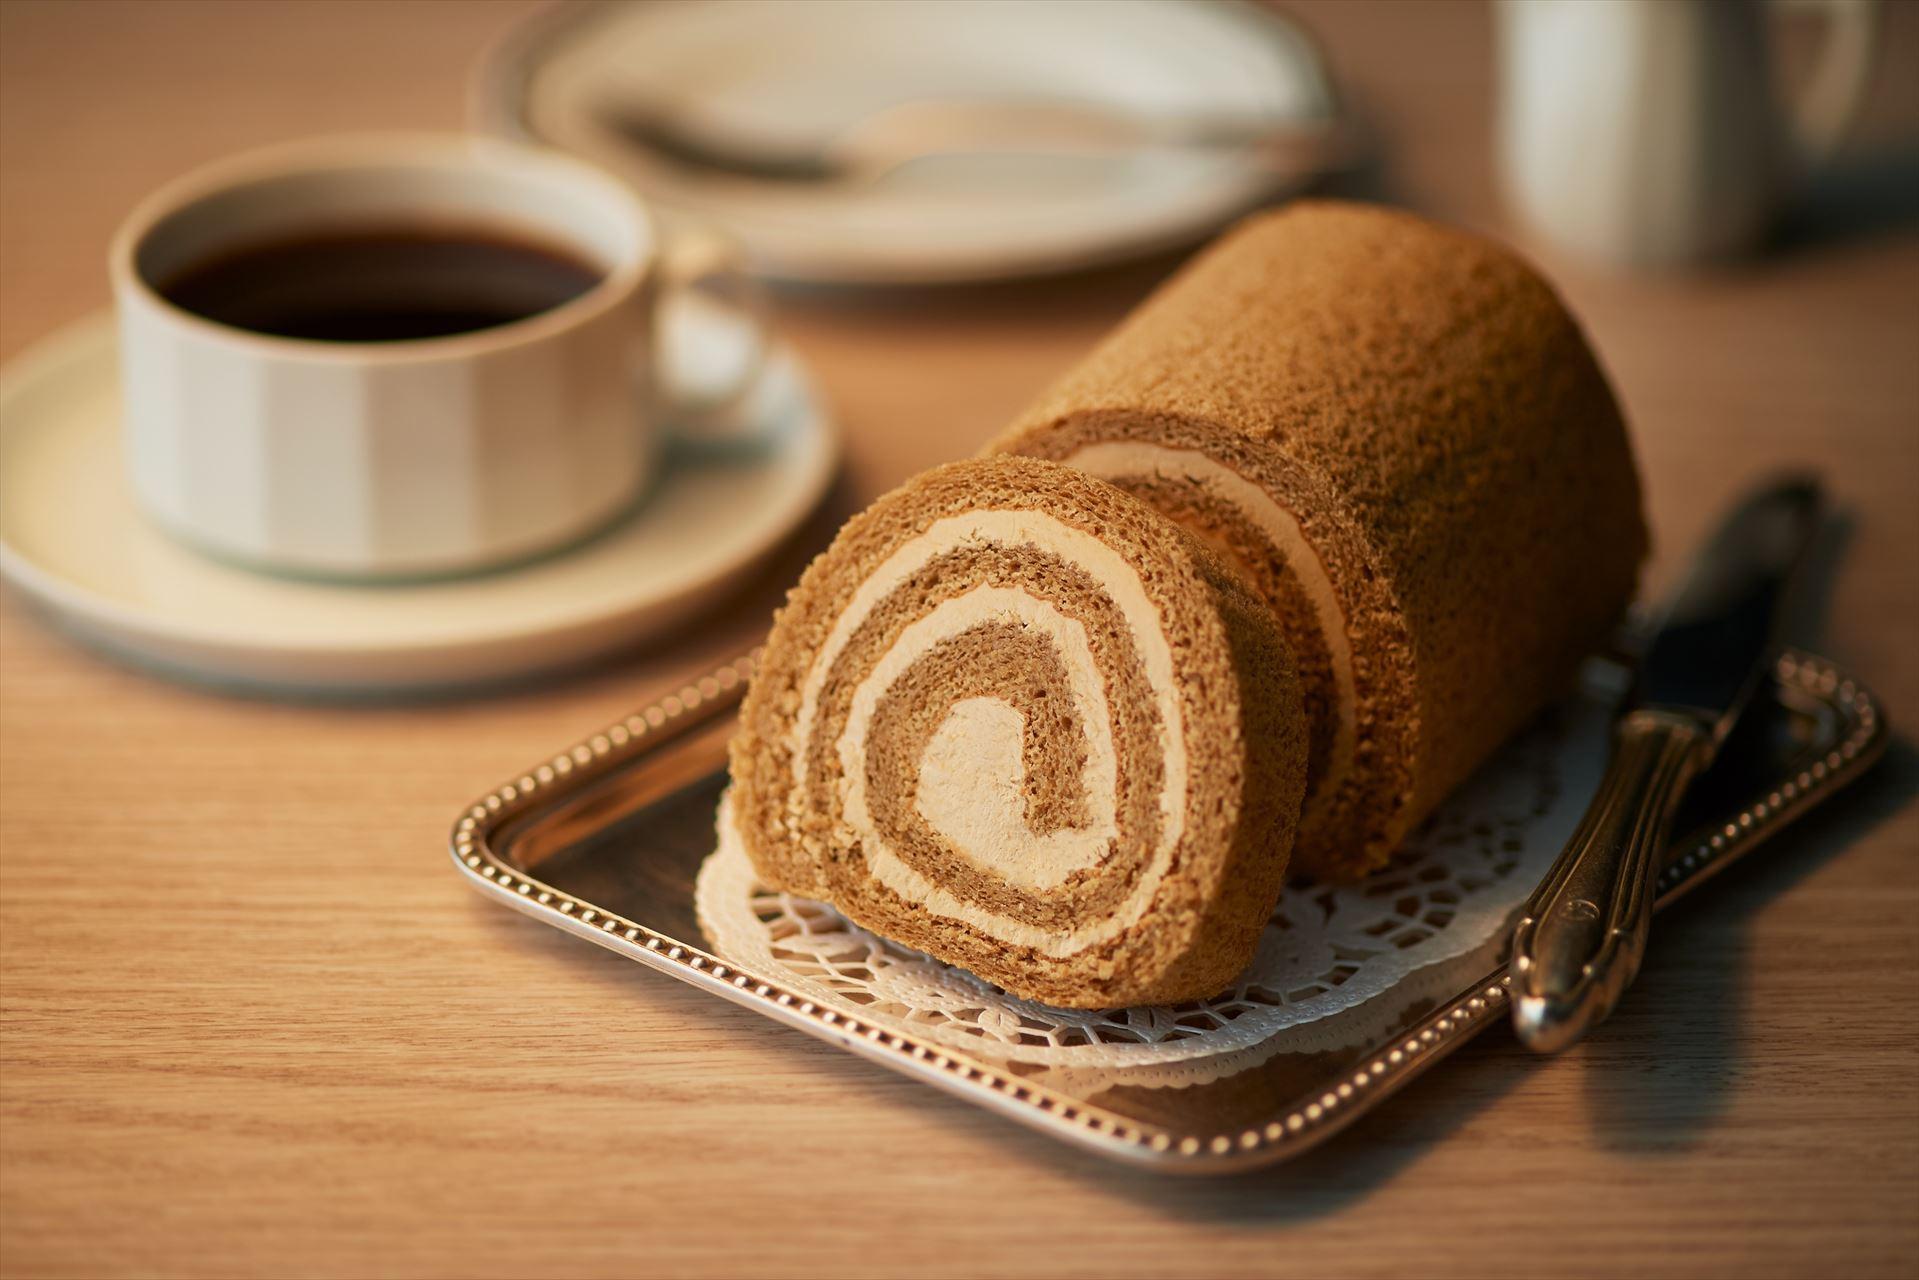 珈琲を使った新スイーツブランド「京都珈琲菓子 モカボン」